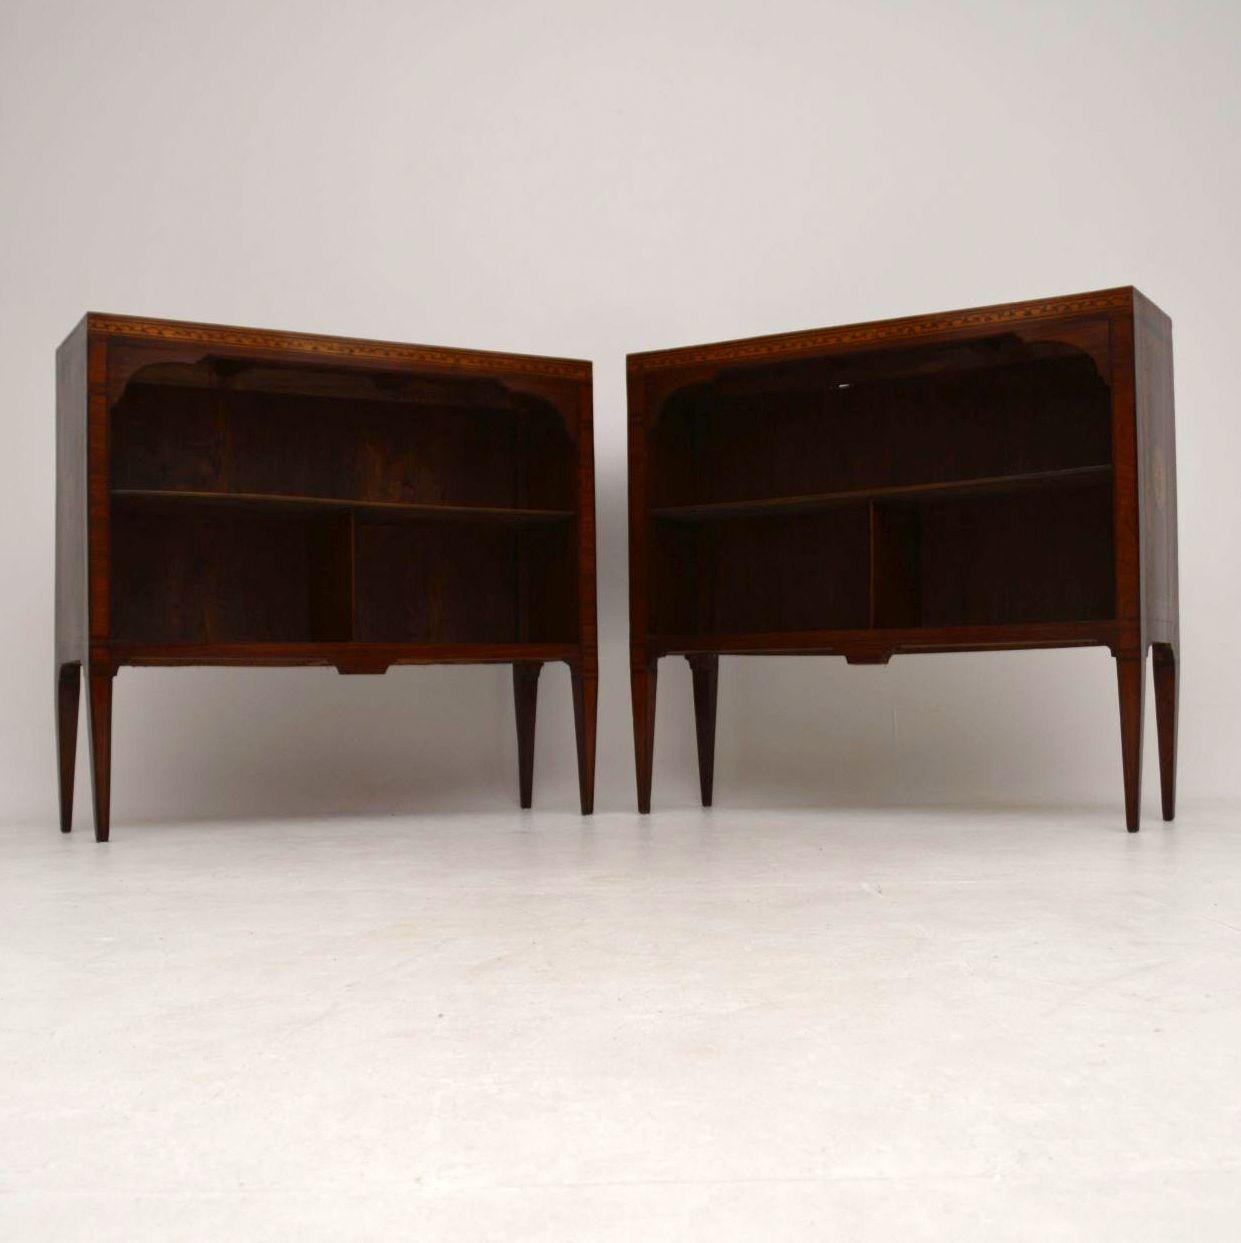 Pair of Antique Swedish Inlaid Rosewood Bookcases